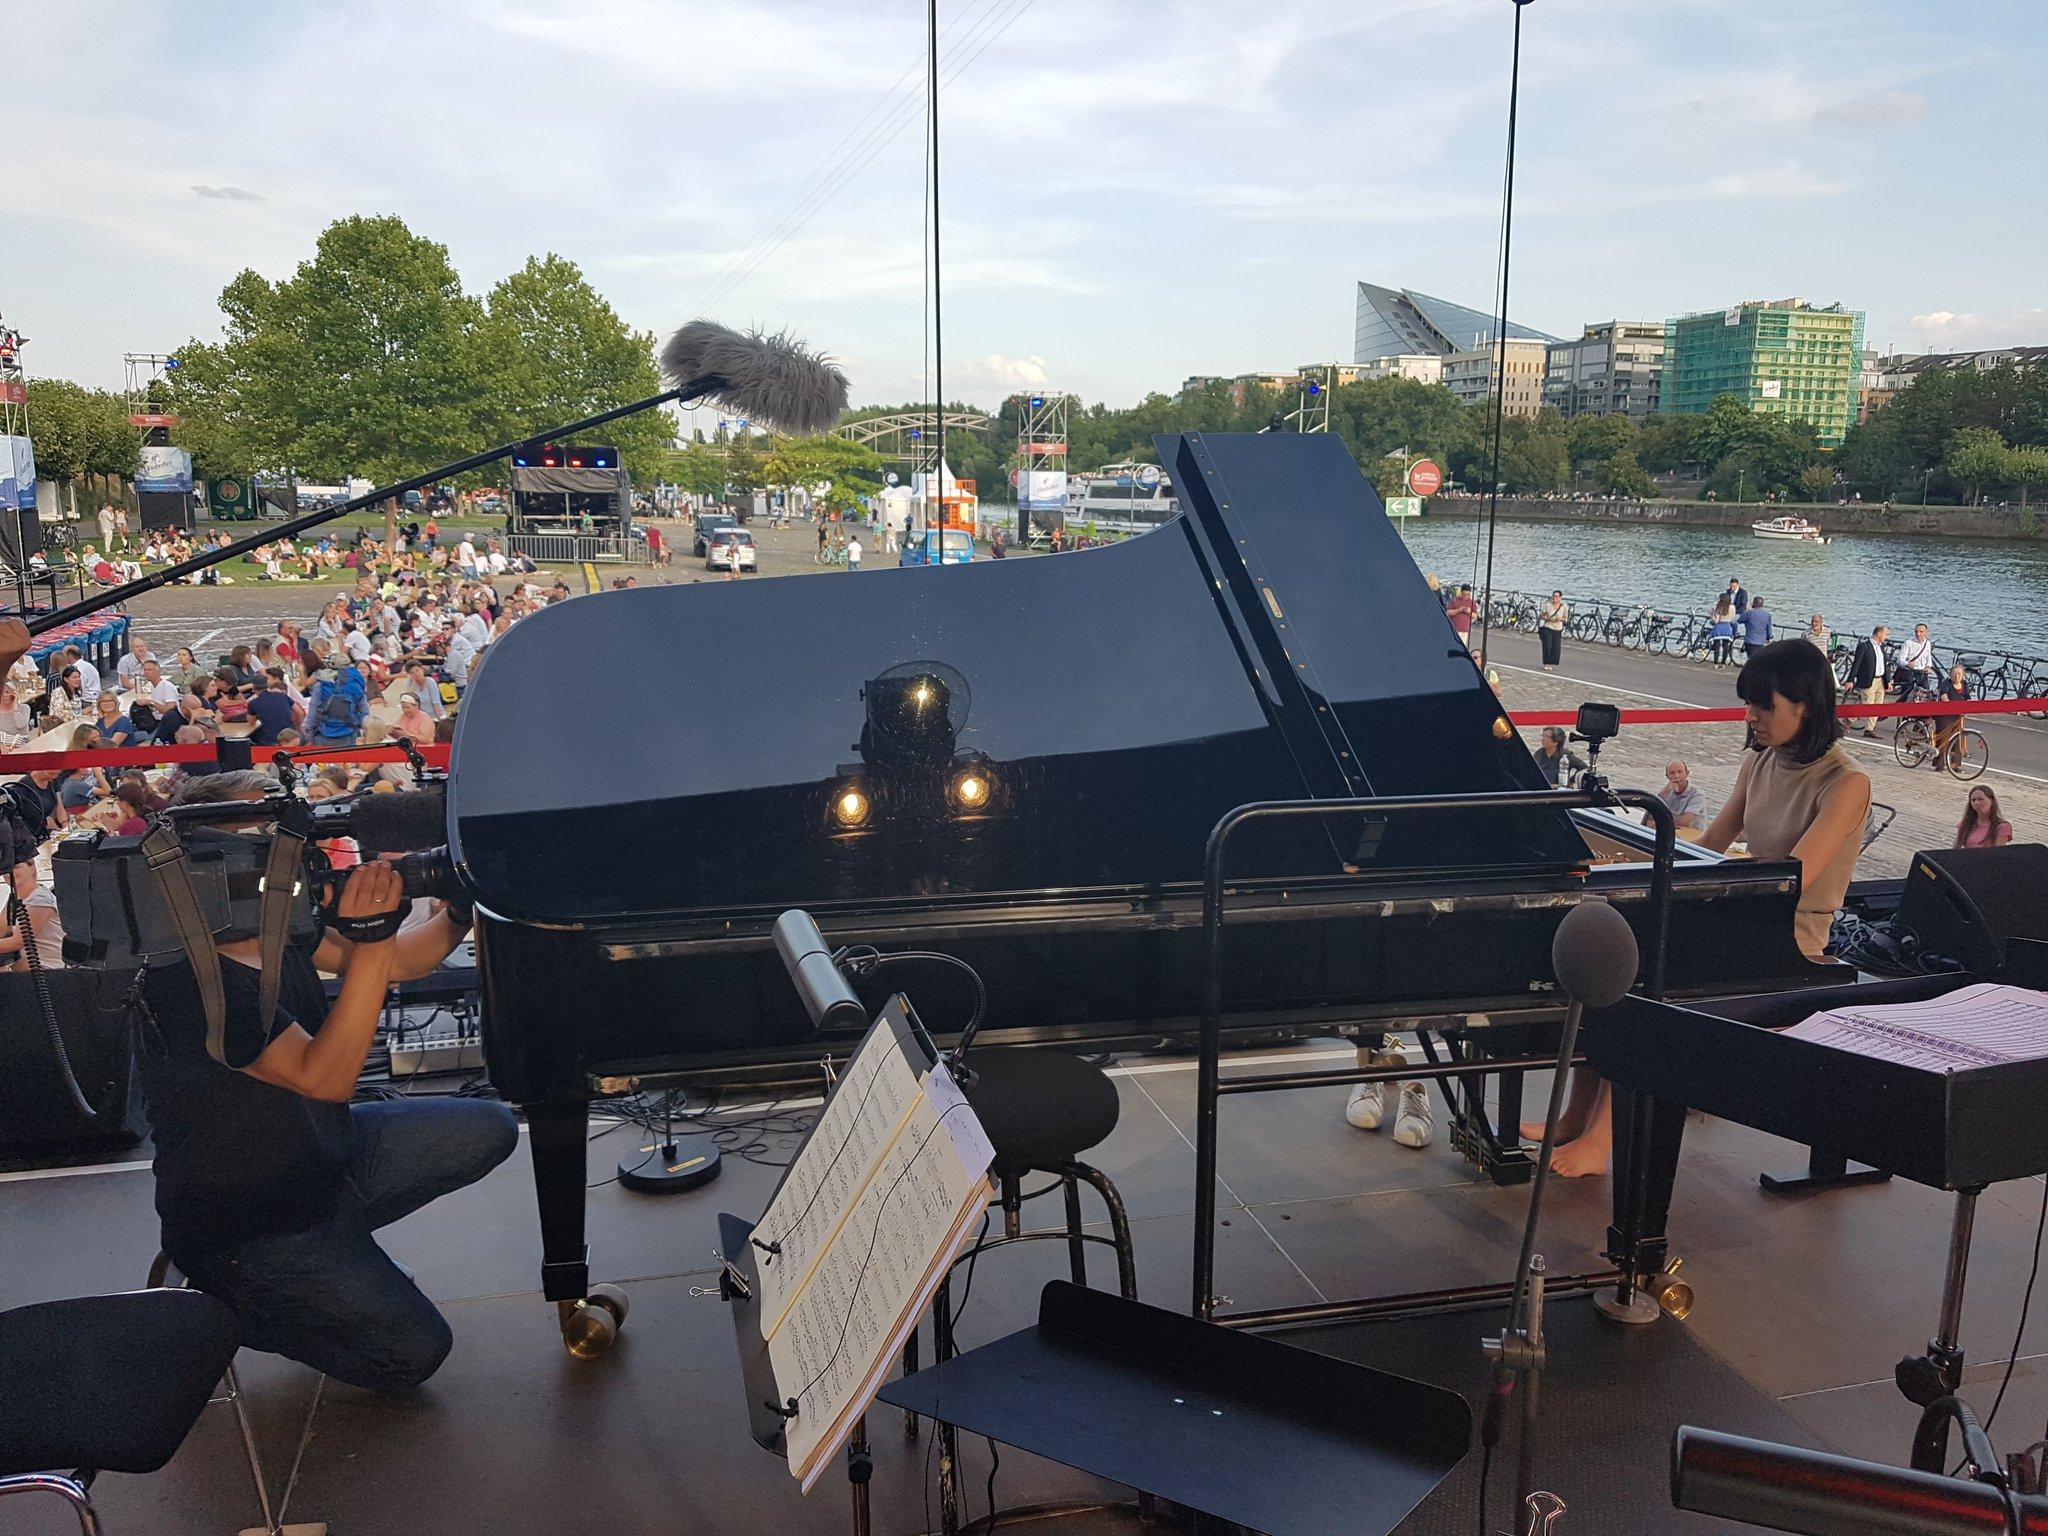 Die Pianistin @AliceSaraOtt bei der Technik-Probe für das #EuropaOpenAir des hr-Sinfonieorchesters und der Europäischen Zentralbank an der Weseler Werft in Frankfurt. #hrSo #hrBigband #ezb #kultur @alicesaraott @MeinFrankfurt @Stadt_FFM @visitfrankfurt @FrankfurtTipp @wtf_ivi